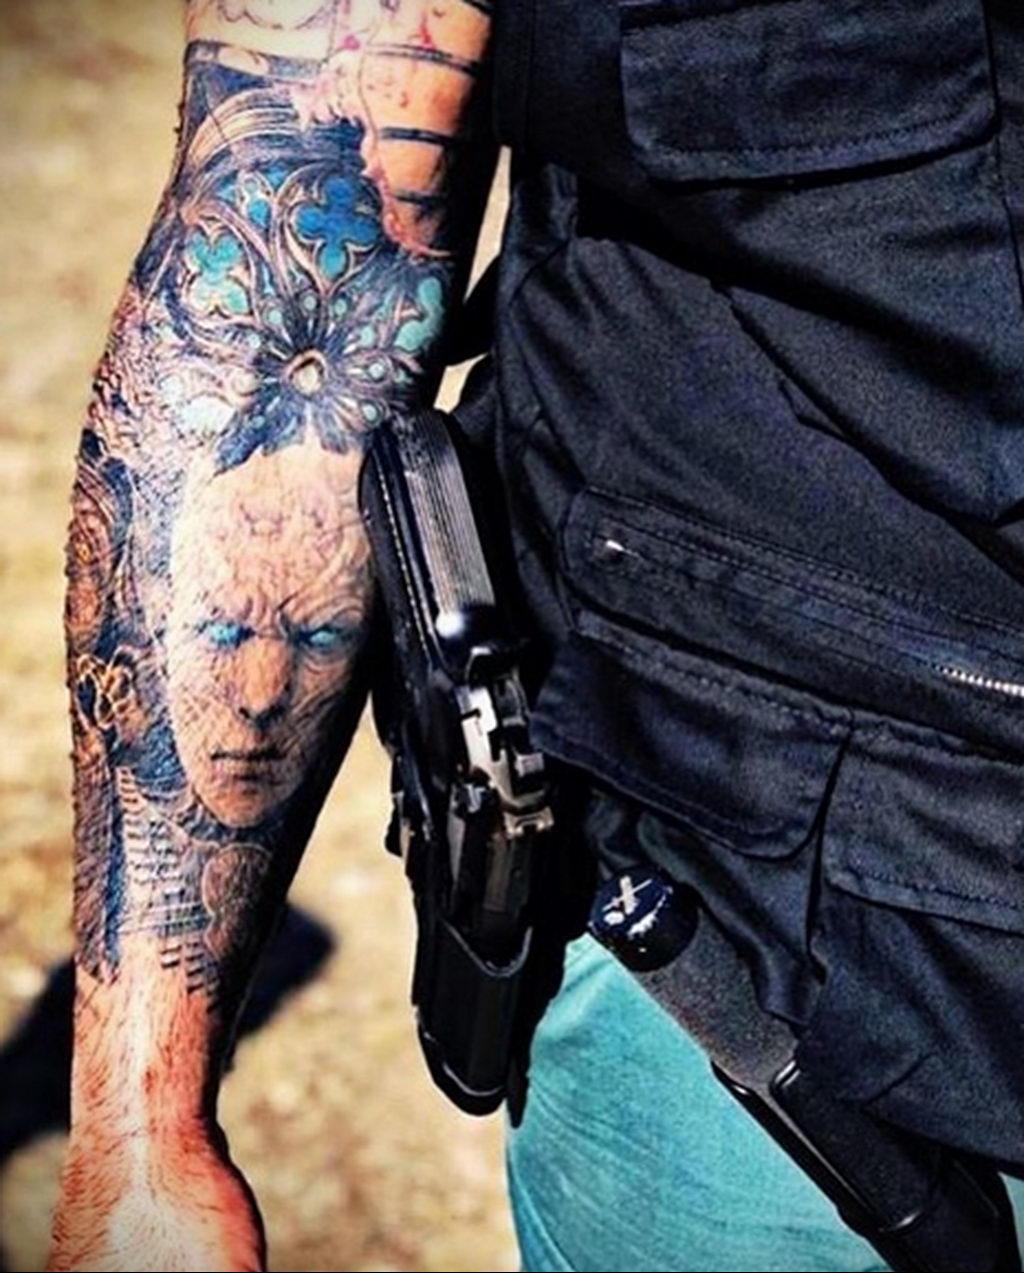 Фото действующего сотрудника полиции в форме с татуировками на теле для tatufoto.com 23